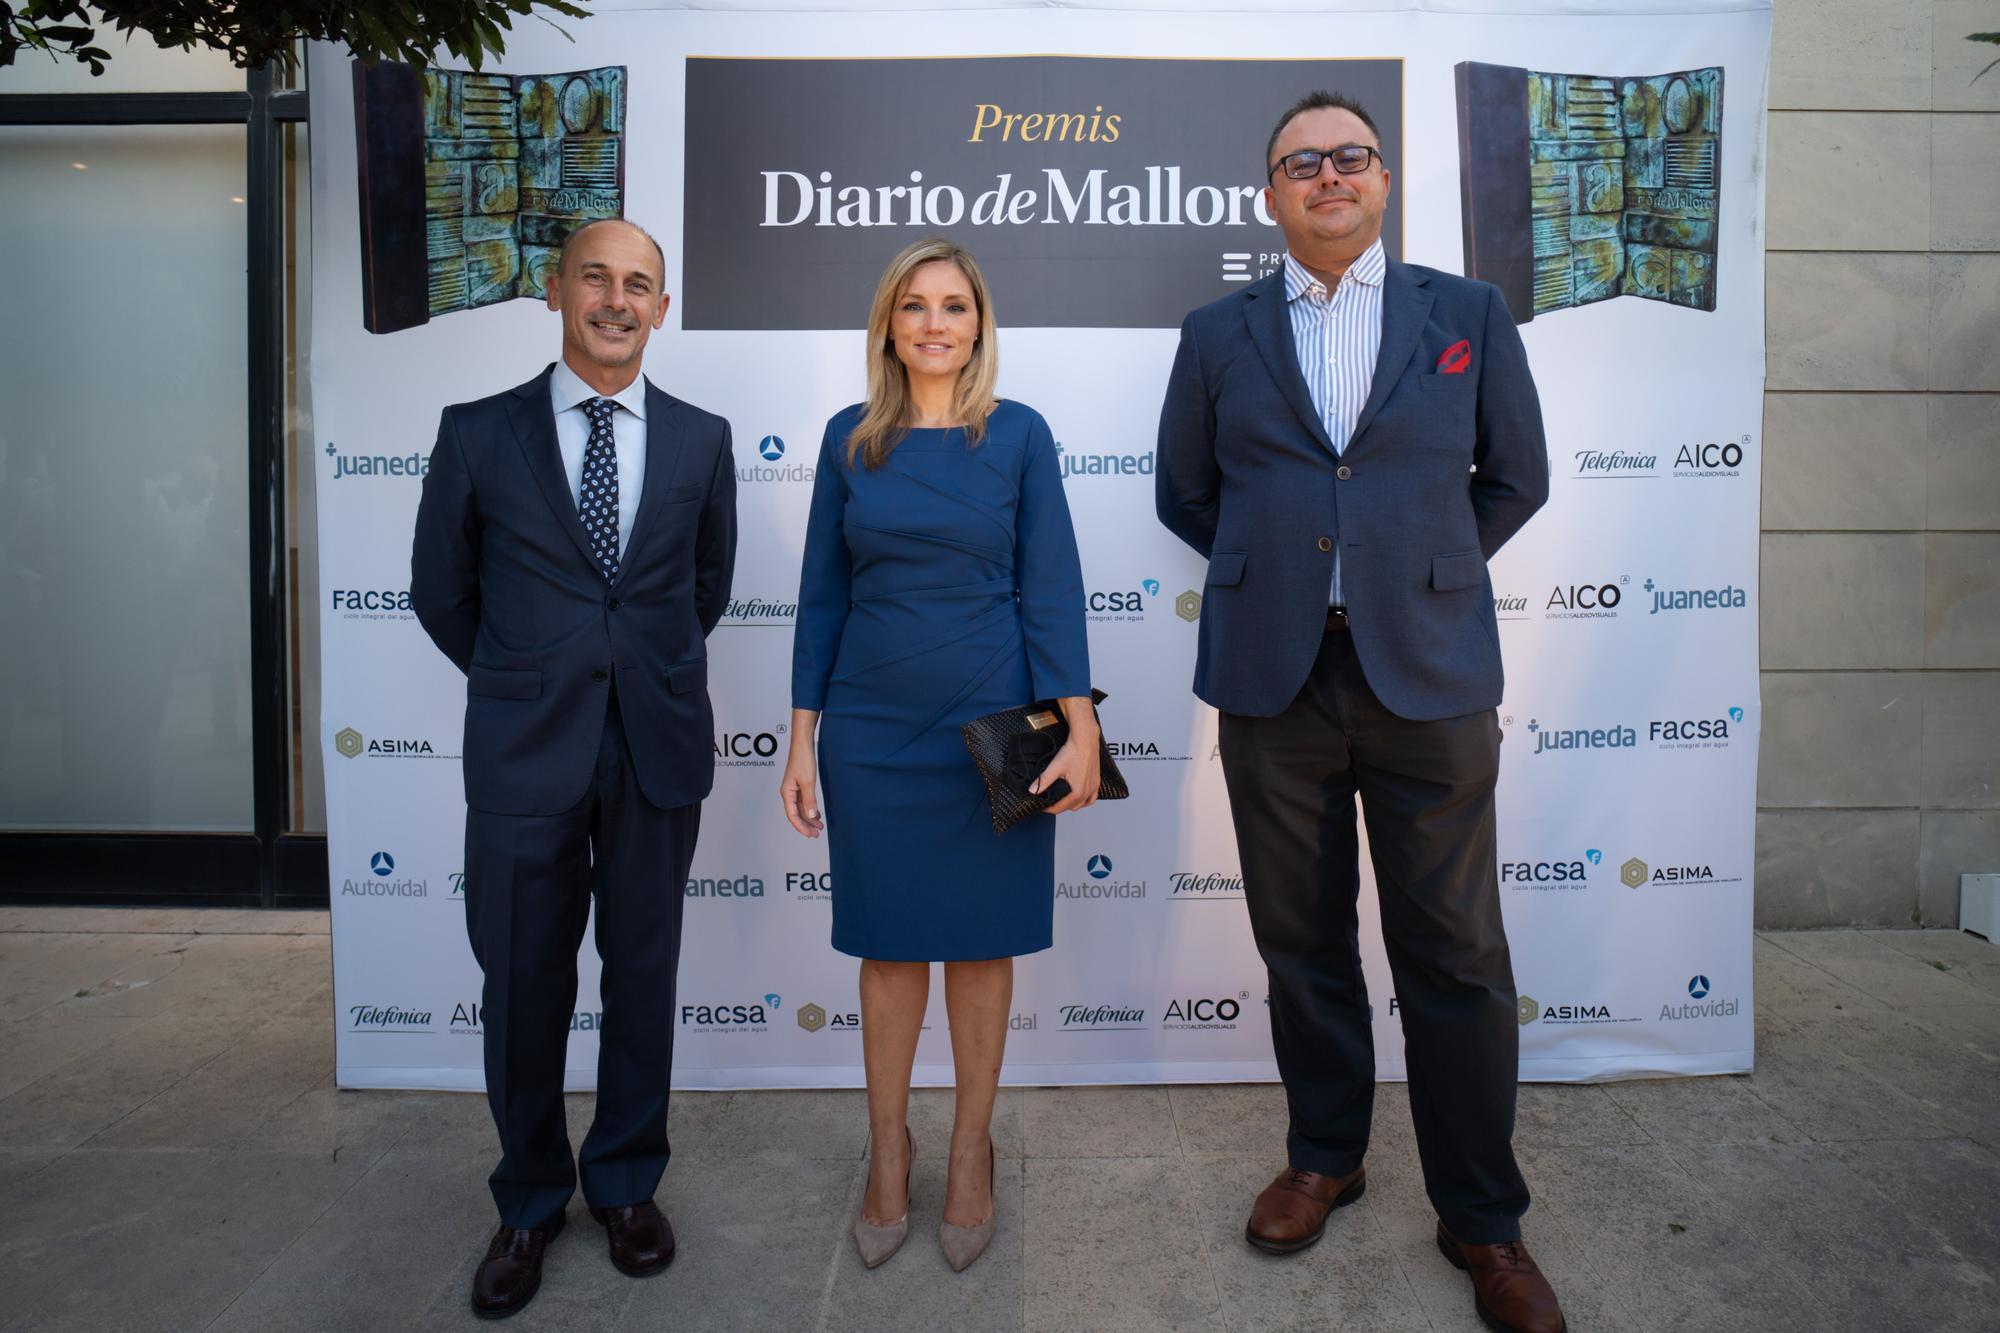 Premios Diario de Mallorca 118.jpg